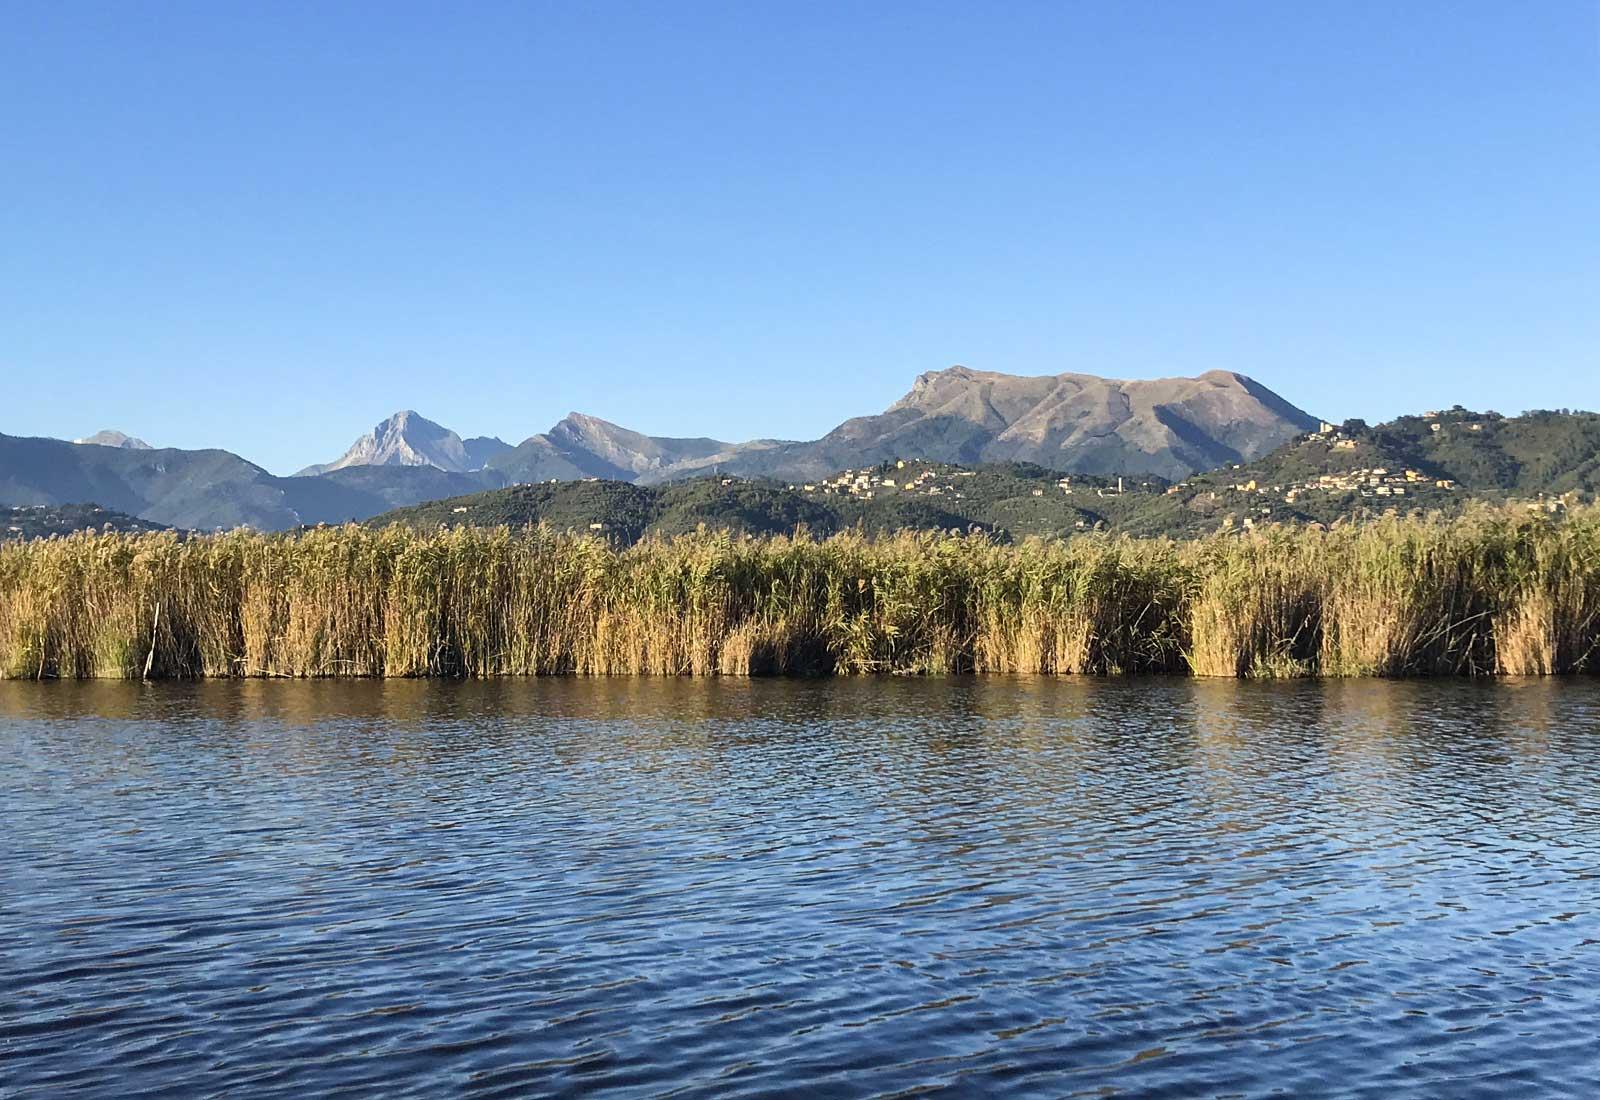 Studenti per l'ambiente: lunedì 12 aprile sul lago di Massaciuccoli